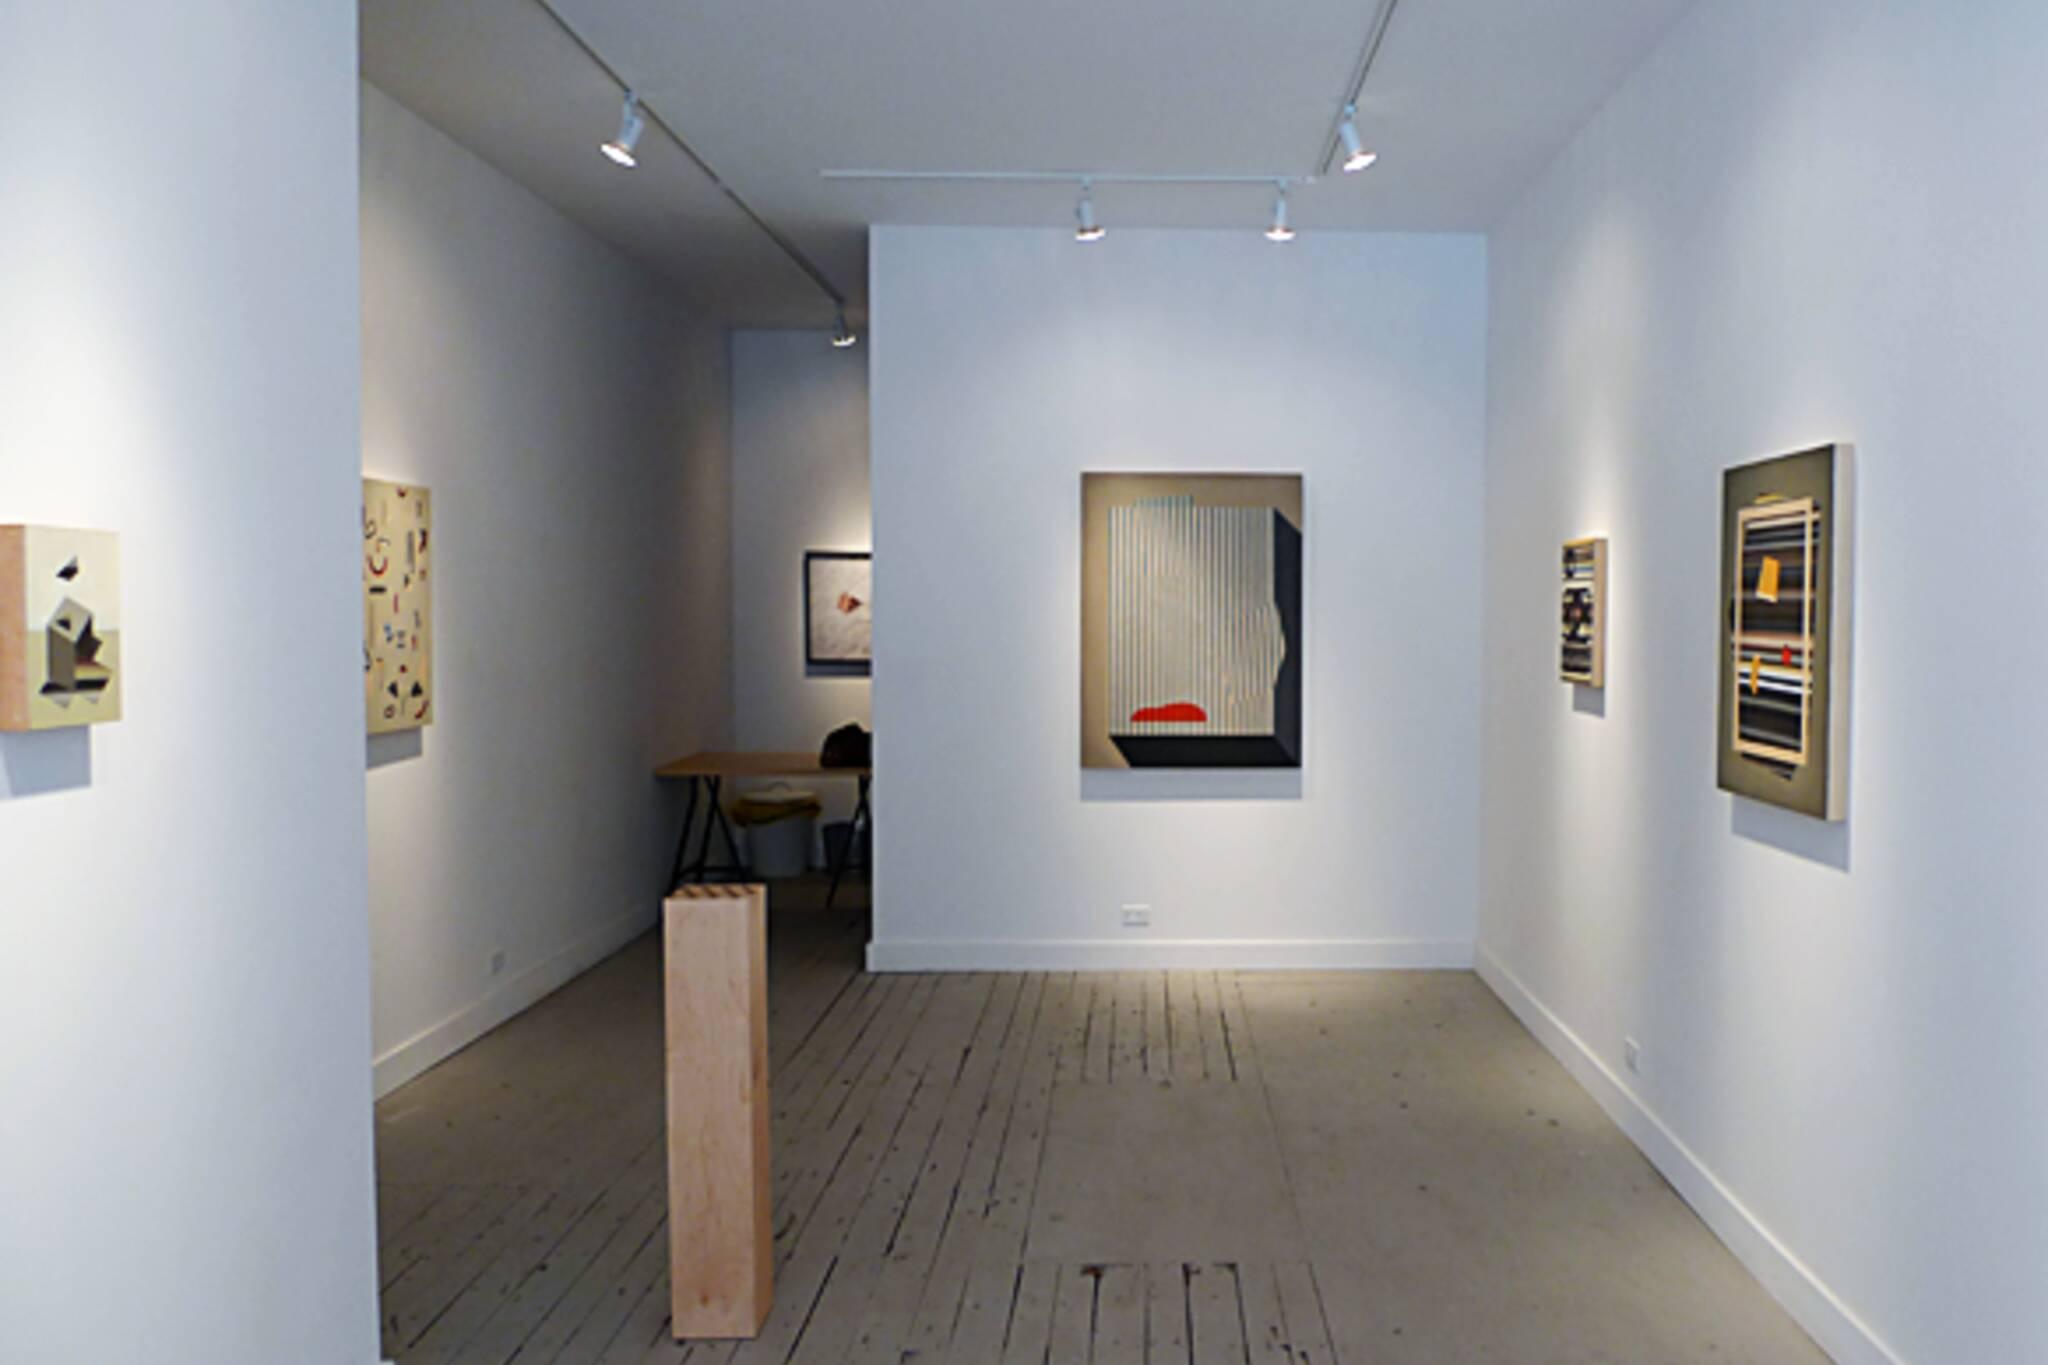 Queen West Art Gallery